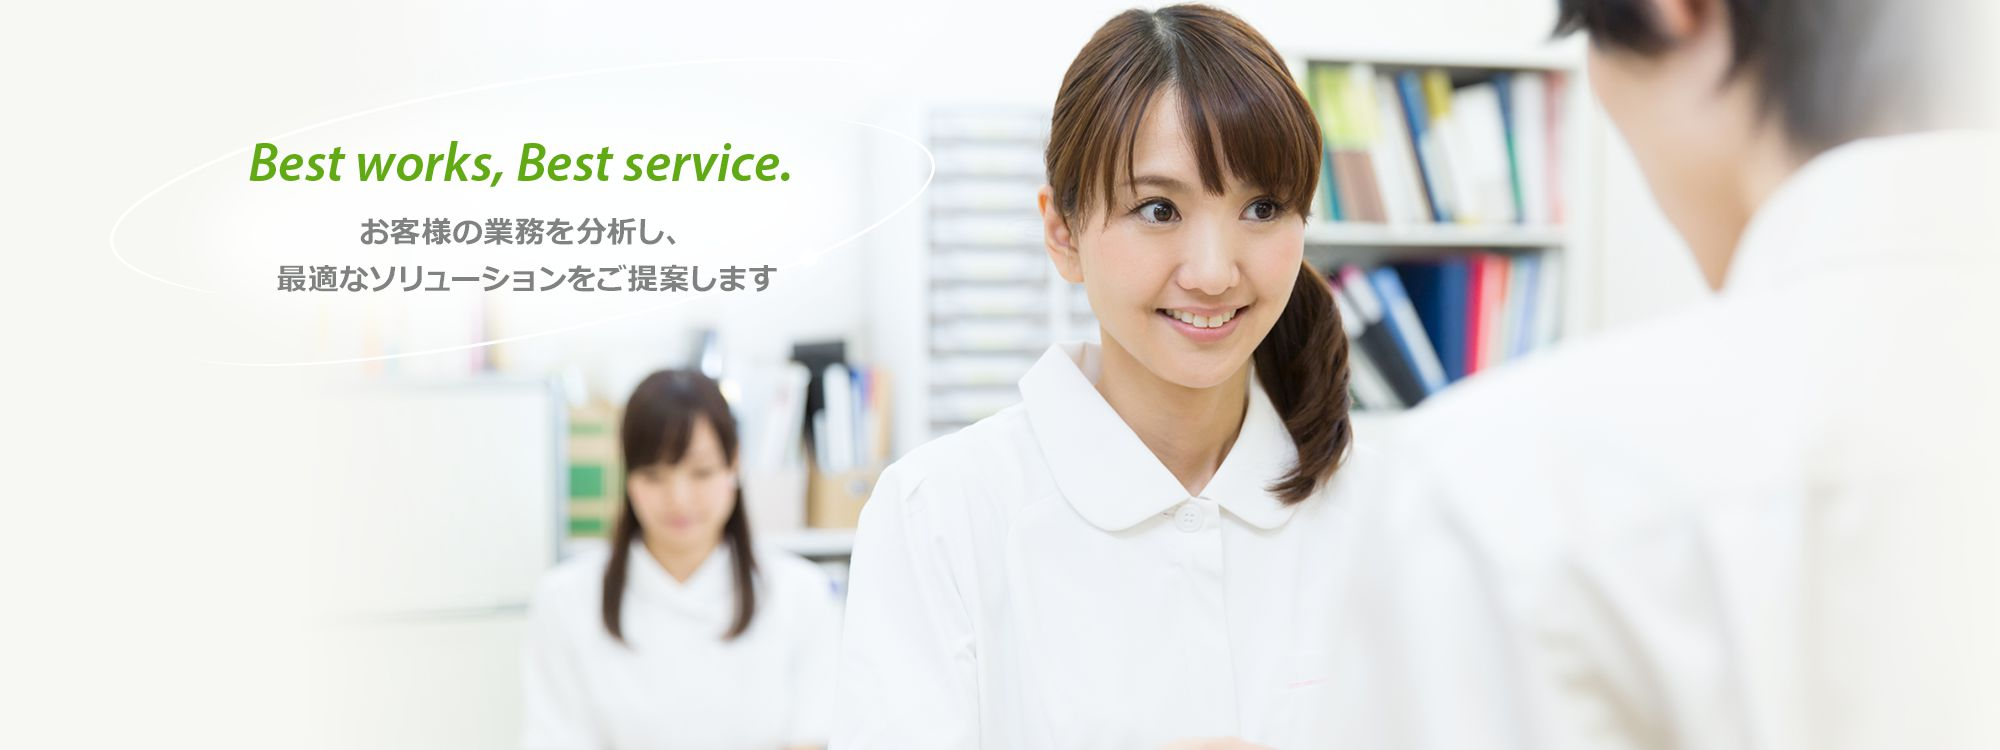 お客様の業務を分析し、最適なソリューションをご提案します